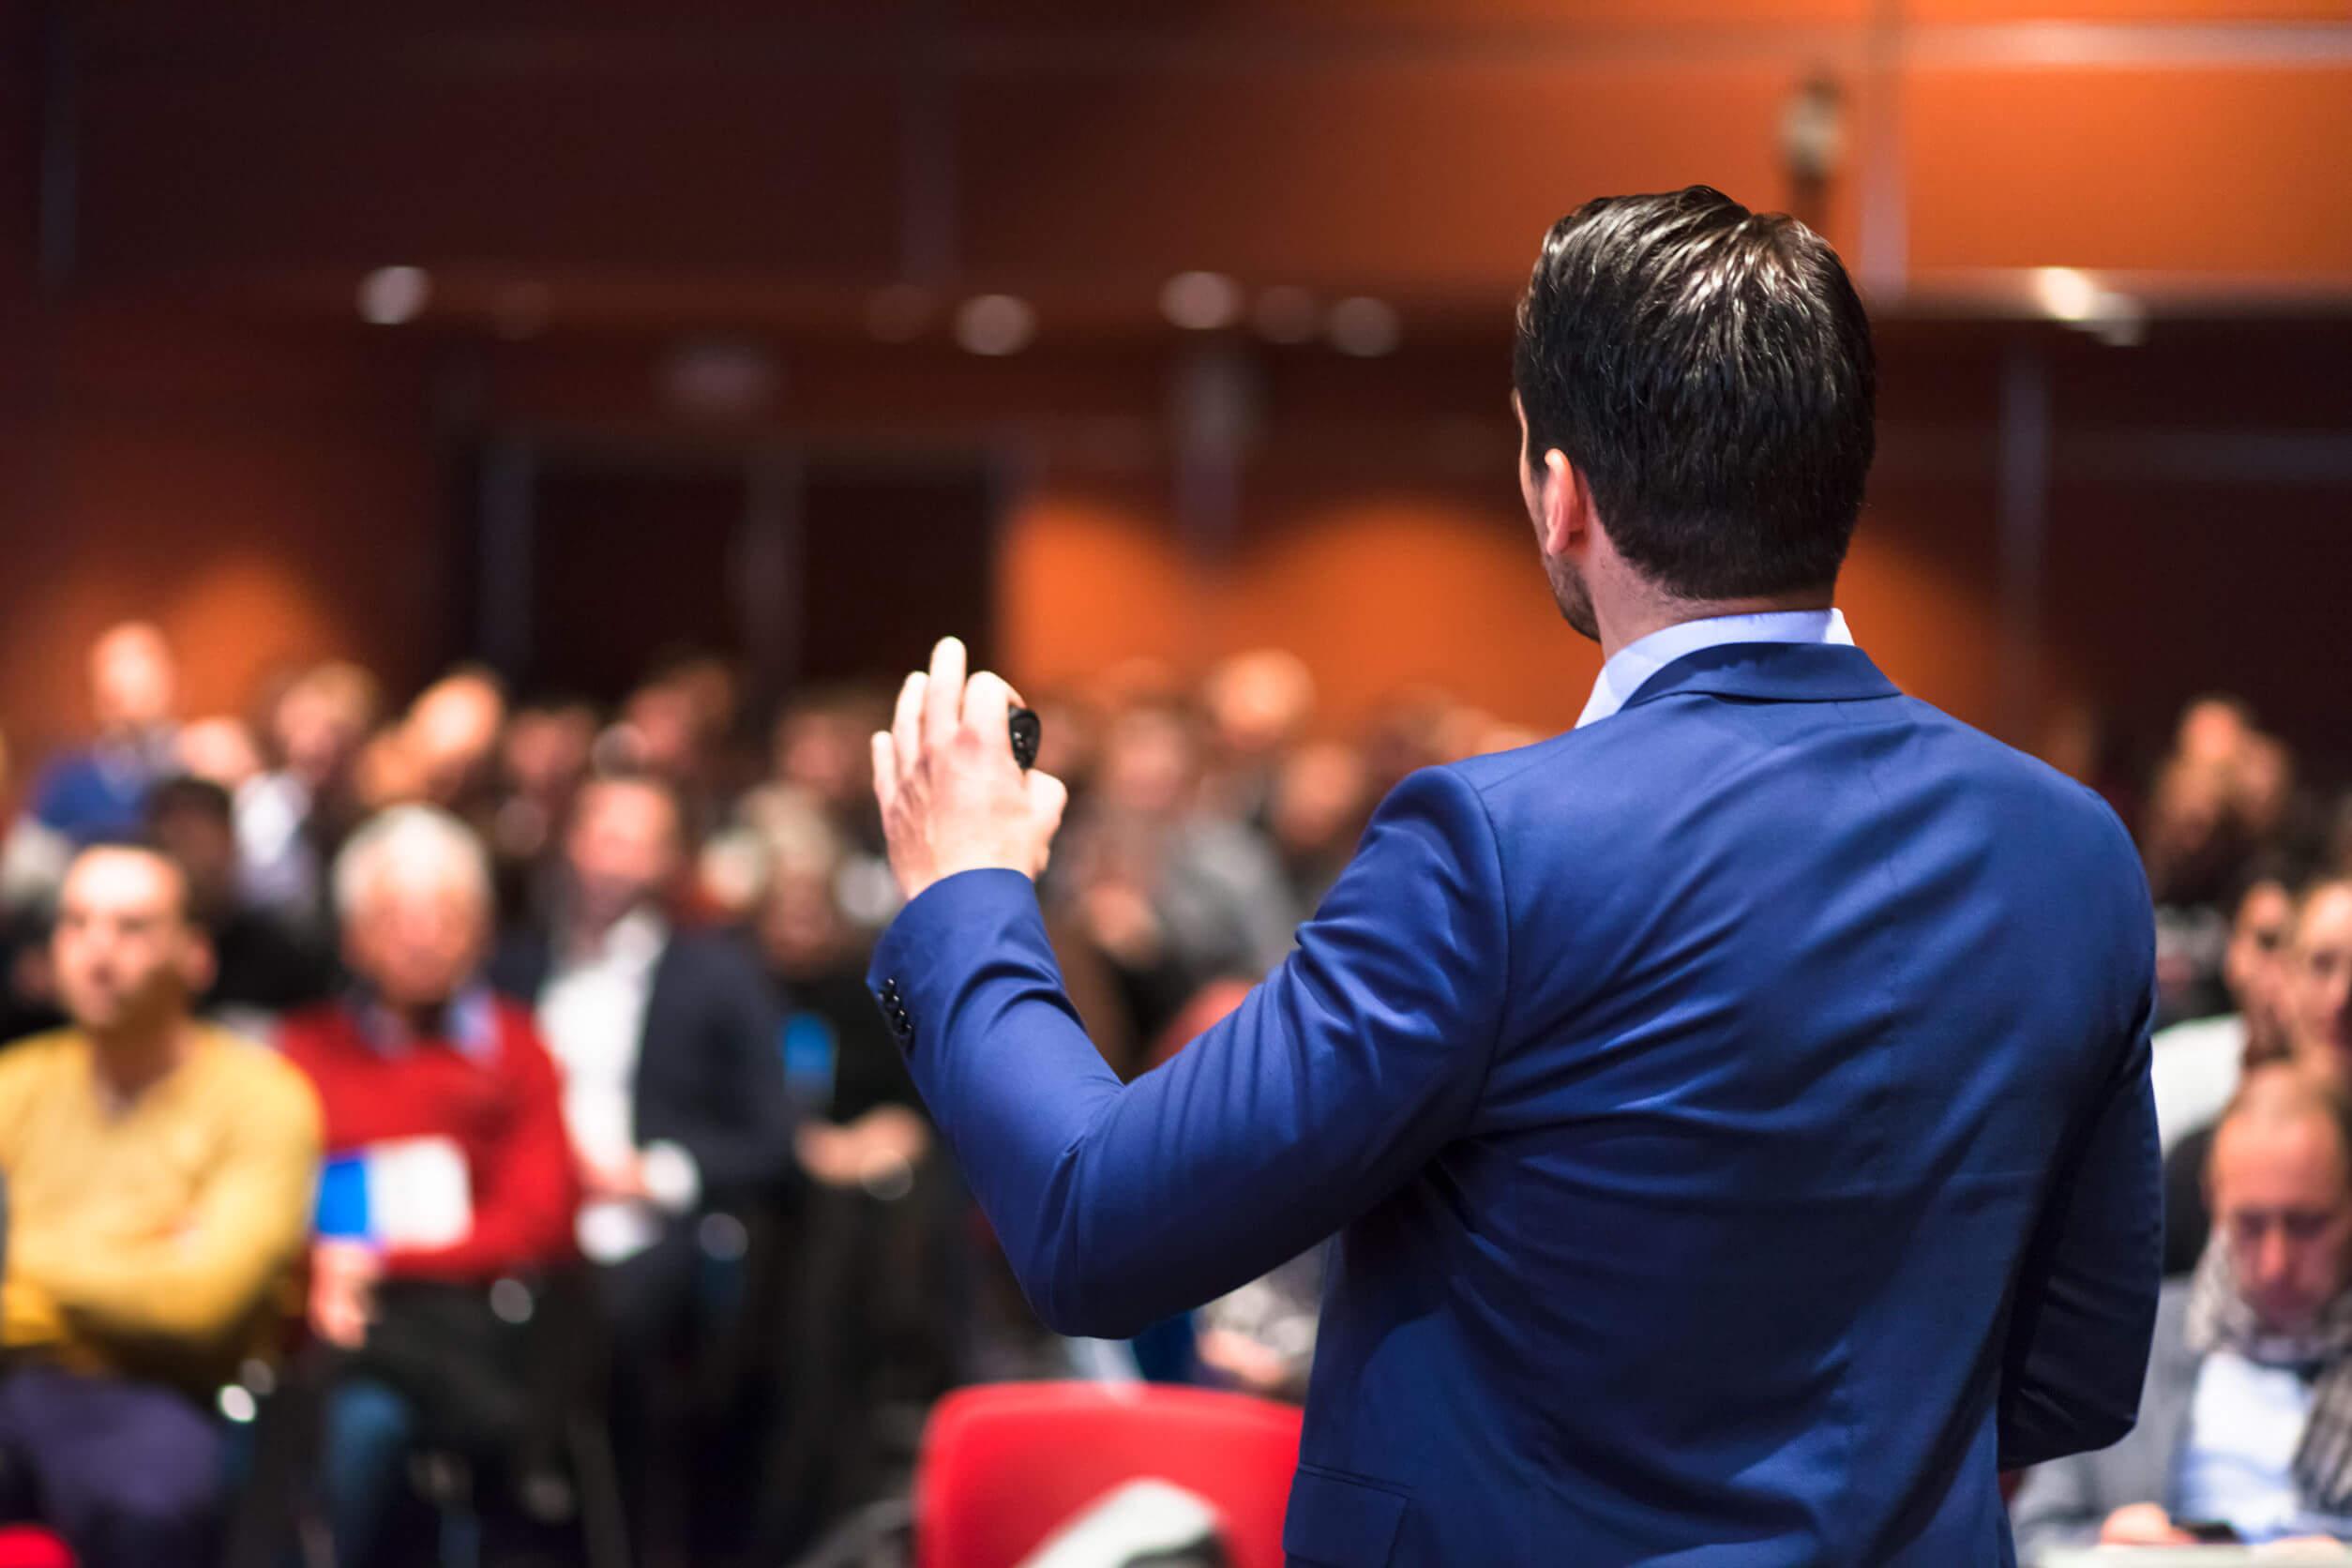 Spark din salgsafdeling i gang med en peptalk eller et foredrag med Jacob Handberg